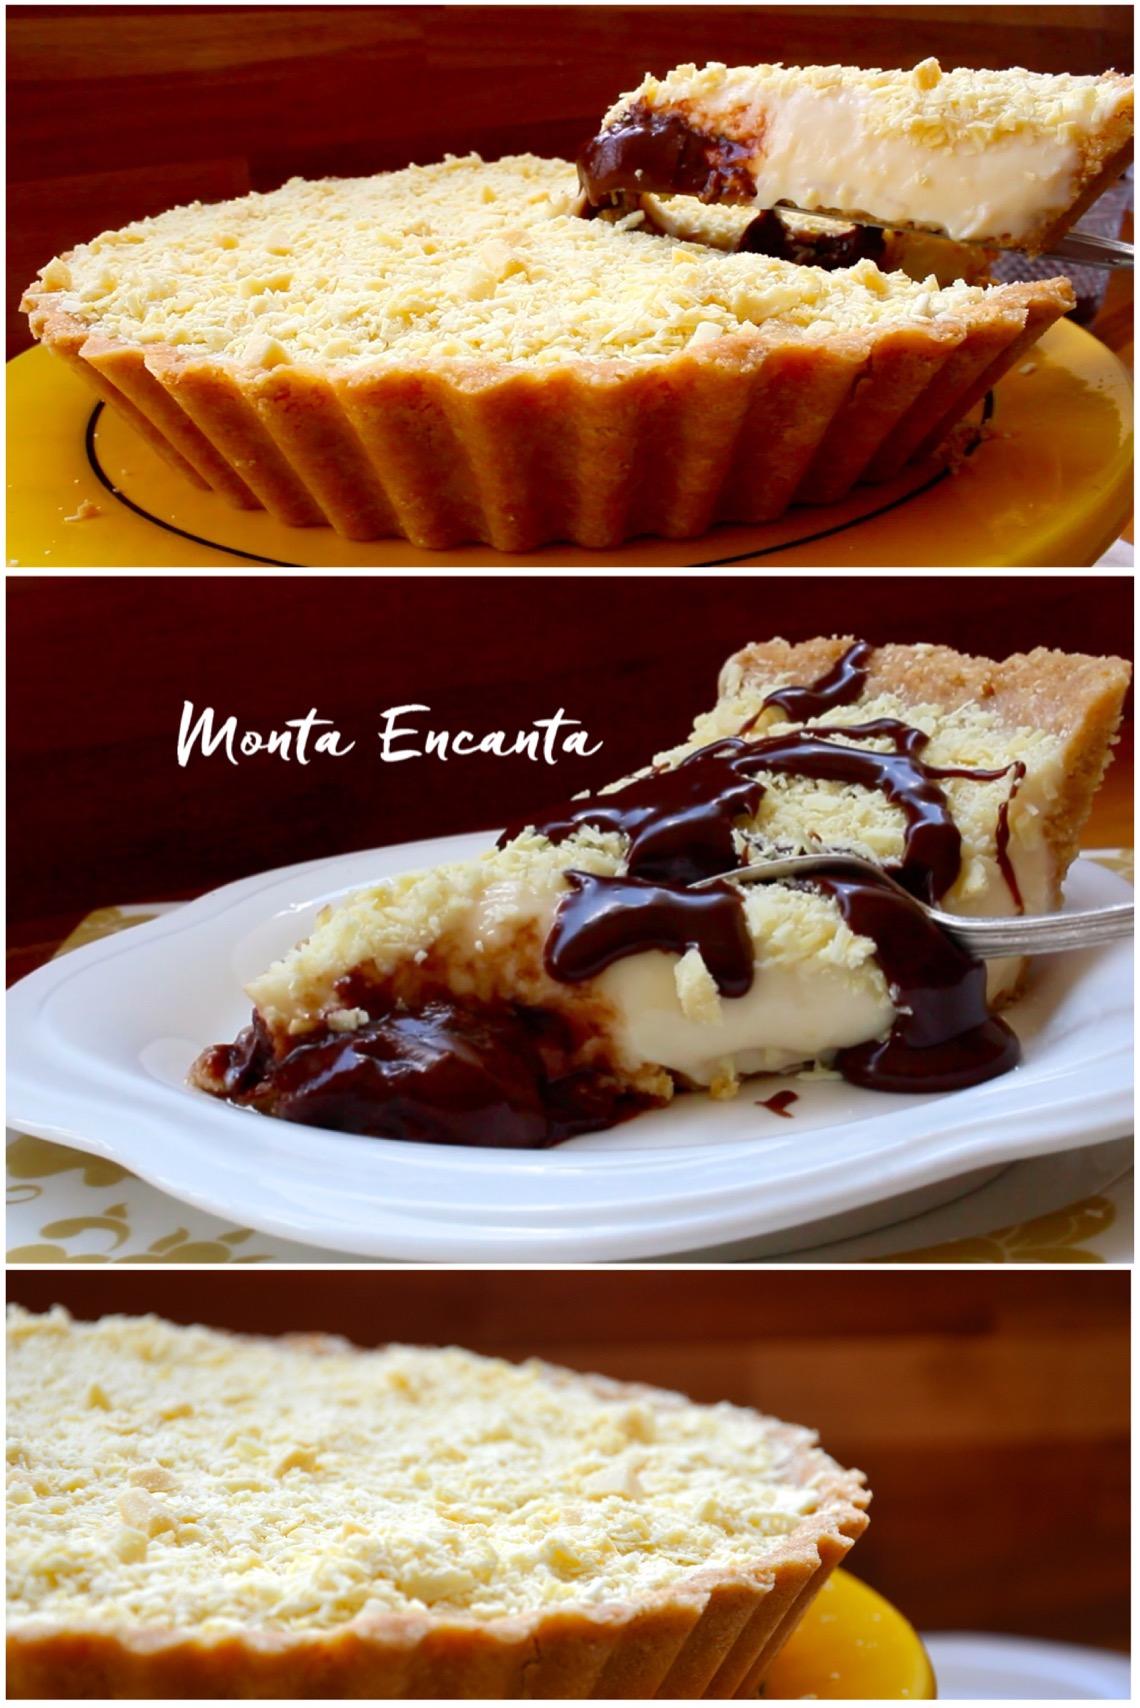 Fabuloso Torta Mousse de Leite Ninho com Nutella - Monta Encanta ZG06